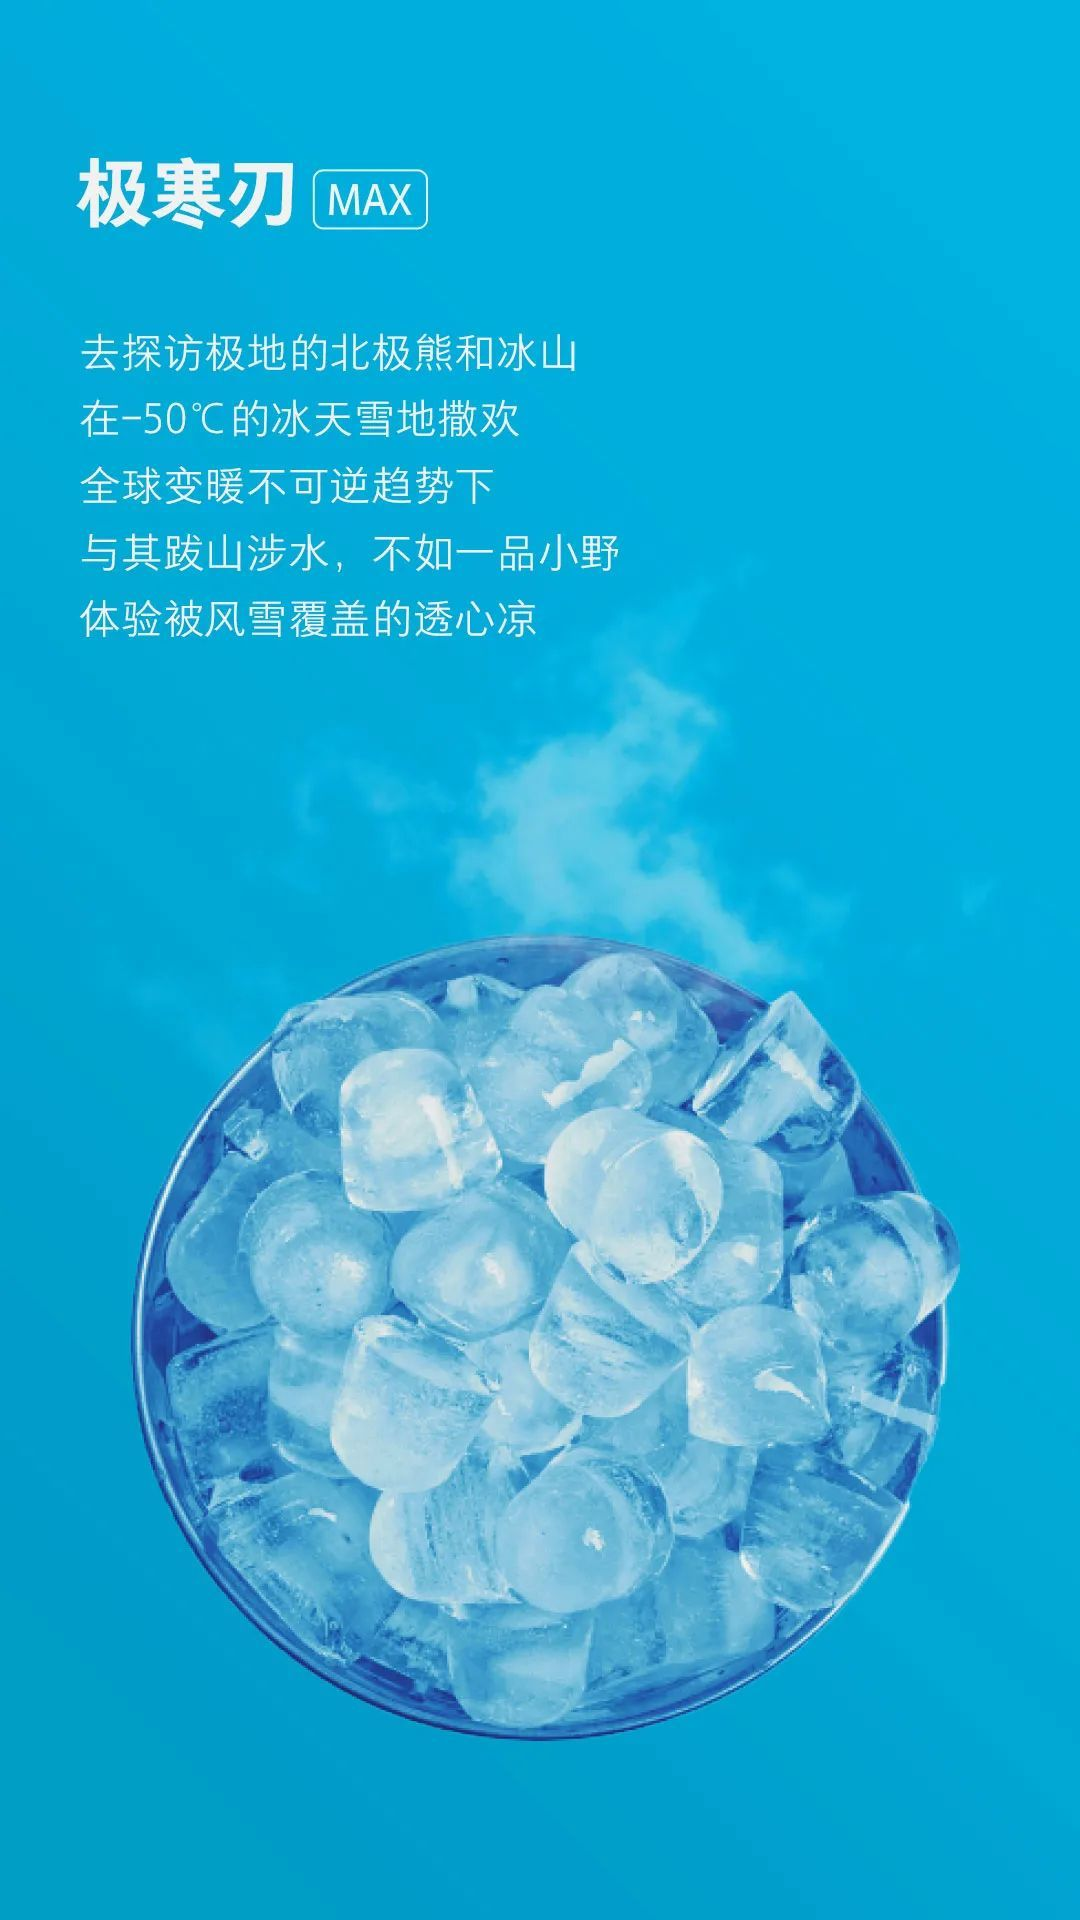 小野v2电子烟烟弹口味六重上新|始于出色颜值,忠于专属口味